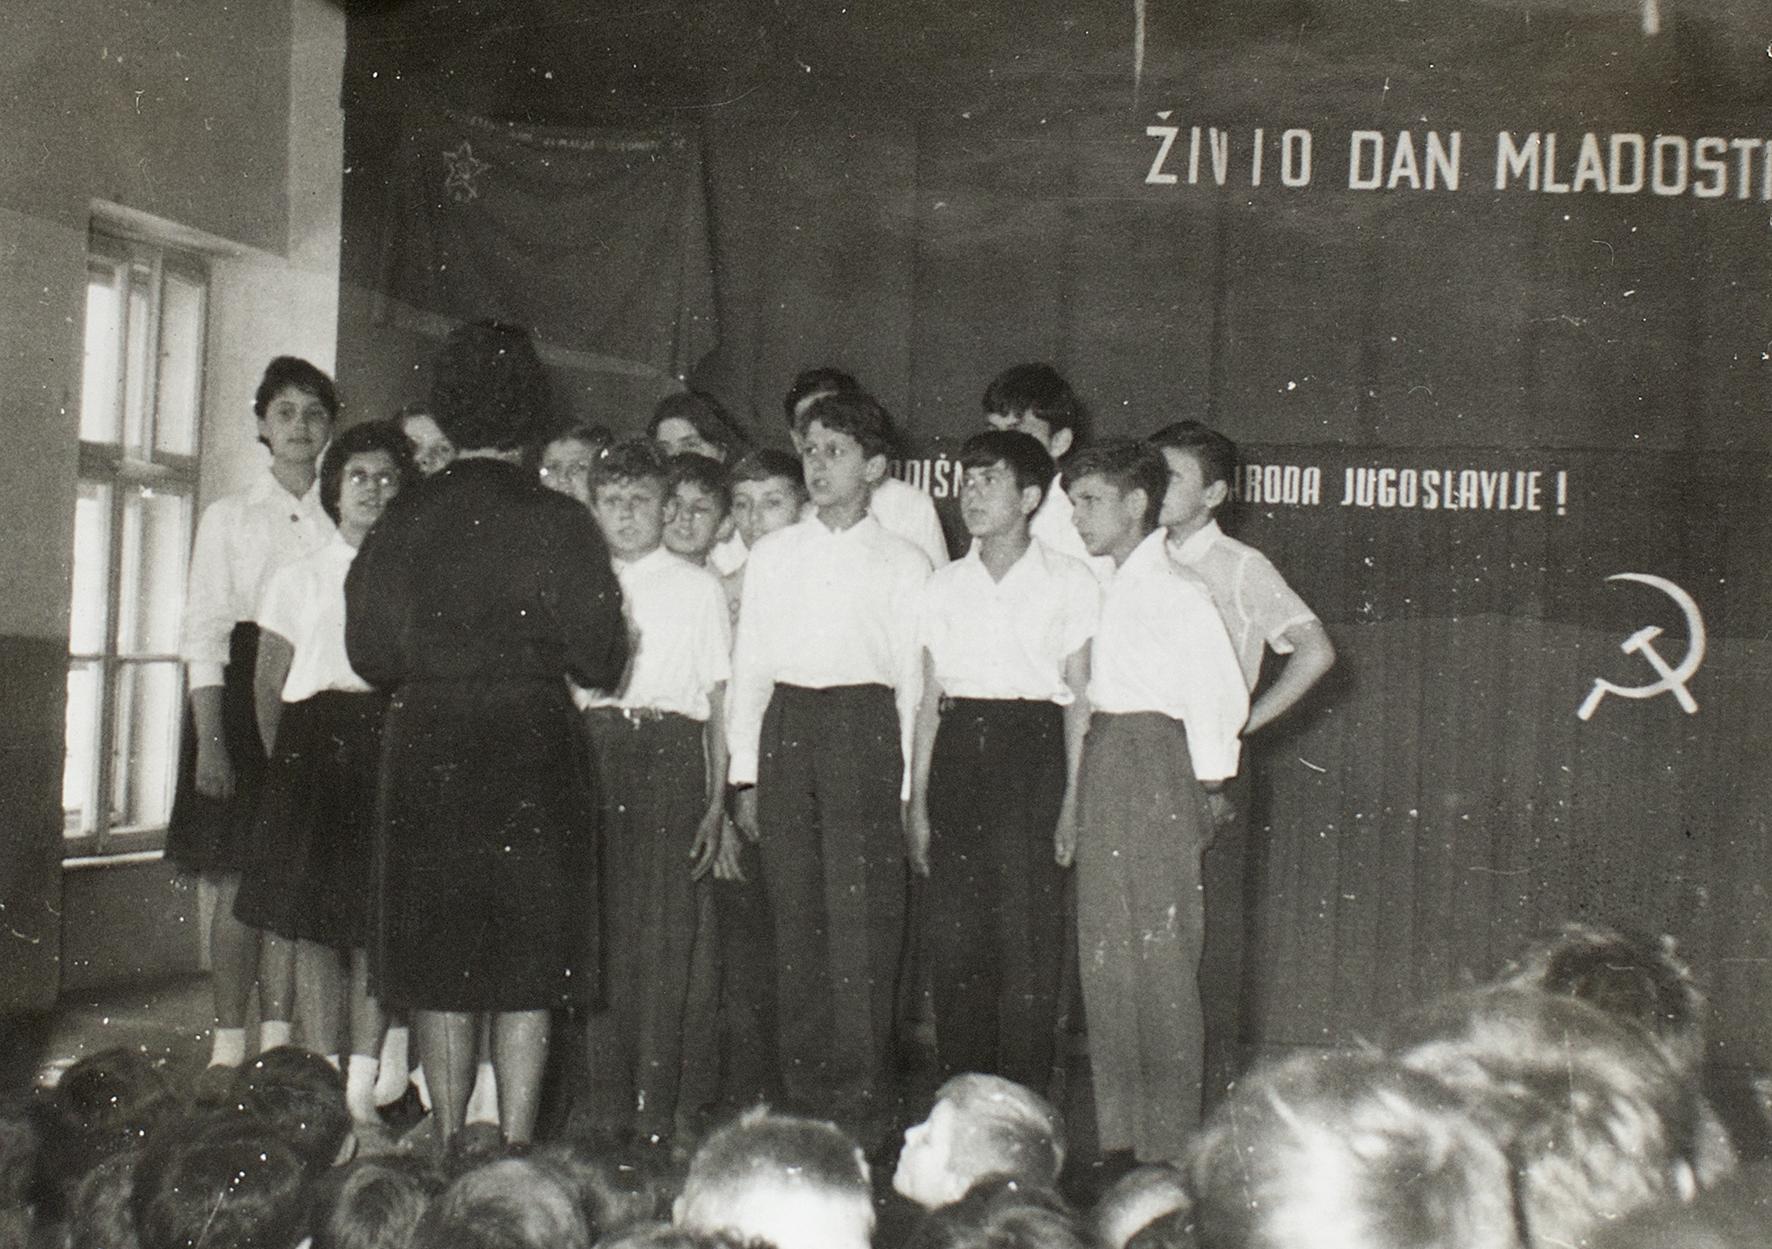 Ana Adamović, <i>The Choir</i> [O coro], 1962/2020. Fotografia  de <i>O coro</i>, do álbum de fotos enviado ao Presidente Tito pelos Pioneiros e Jovens da I Instituição Educacional para Crianças Surdas, Zagreb-Ilica, 1962. Coleção Museu da Iugoslávia, Belgrado